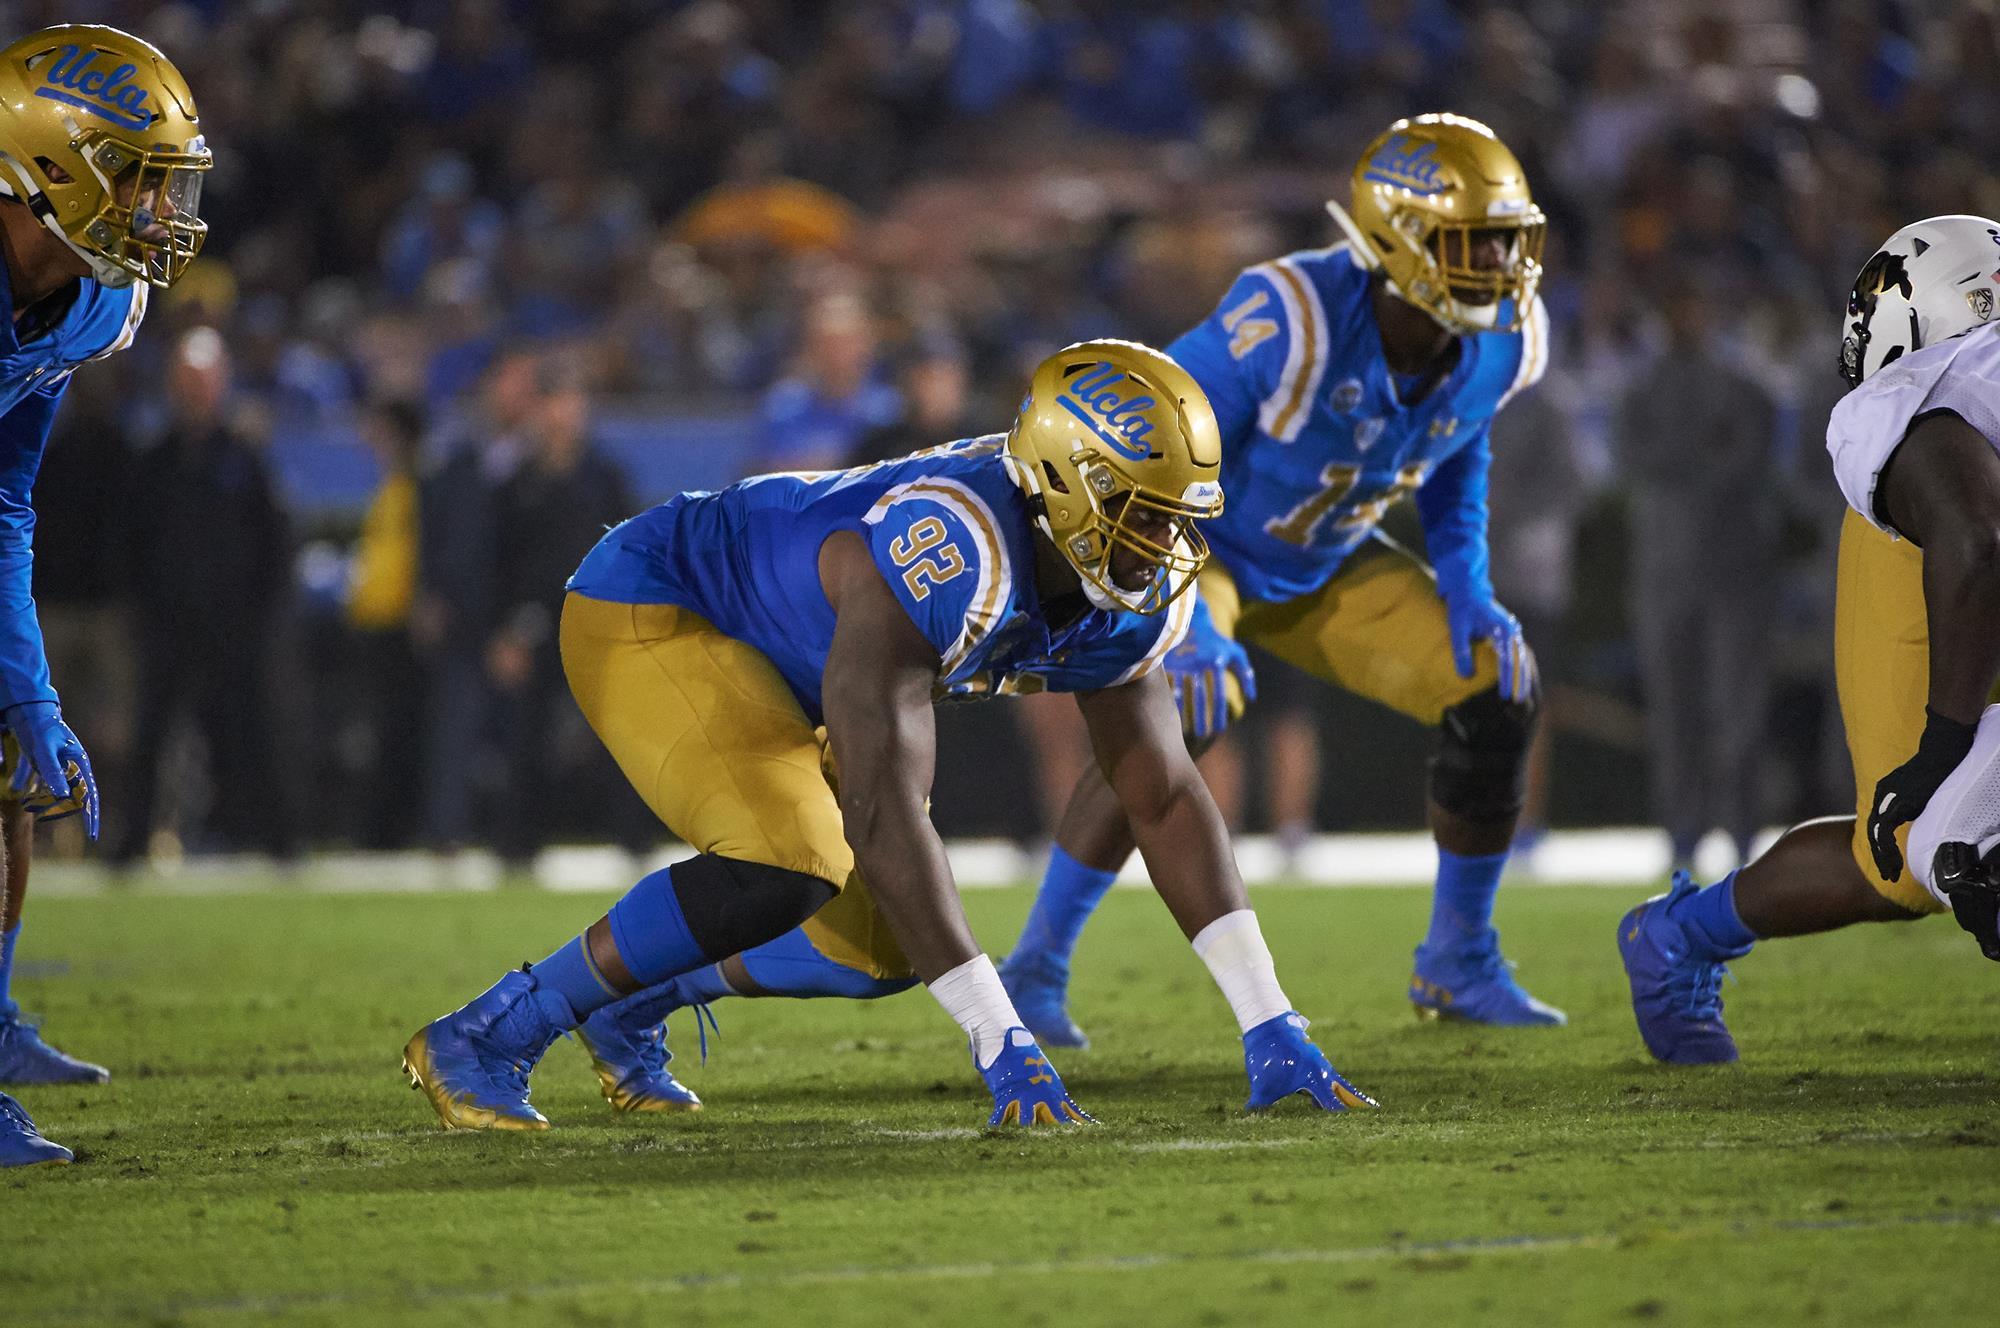 Osa Odighizuwa - Football - UCLA